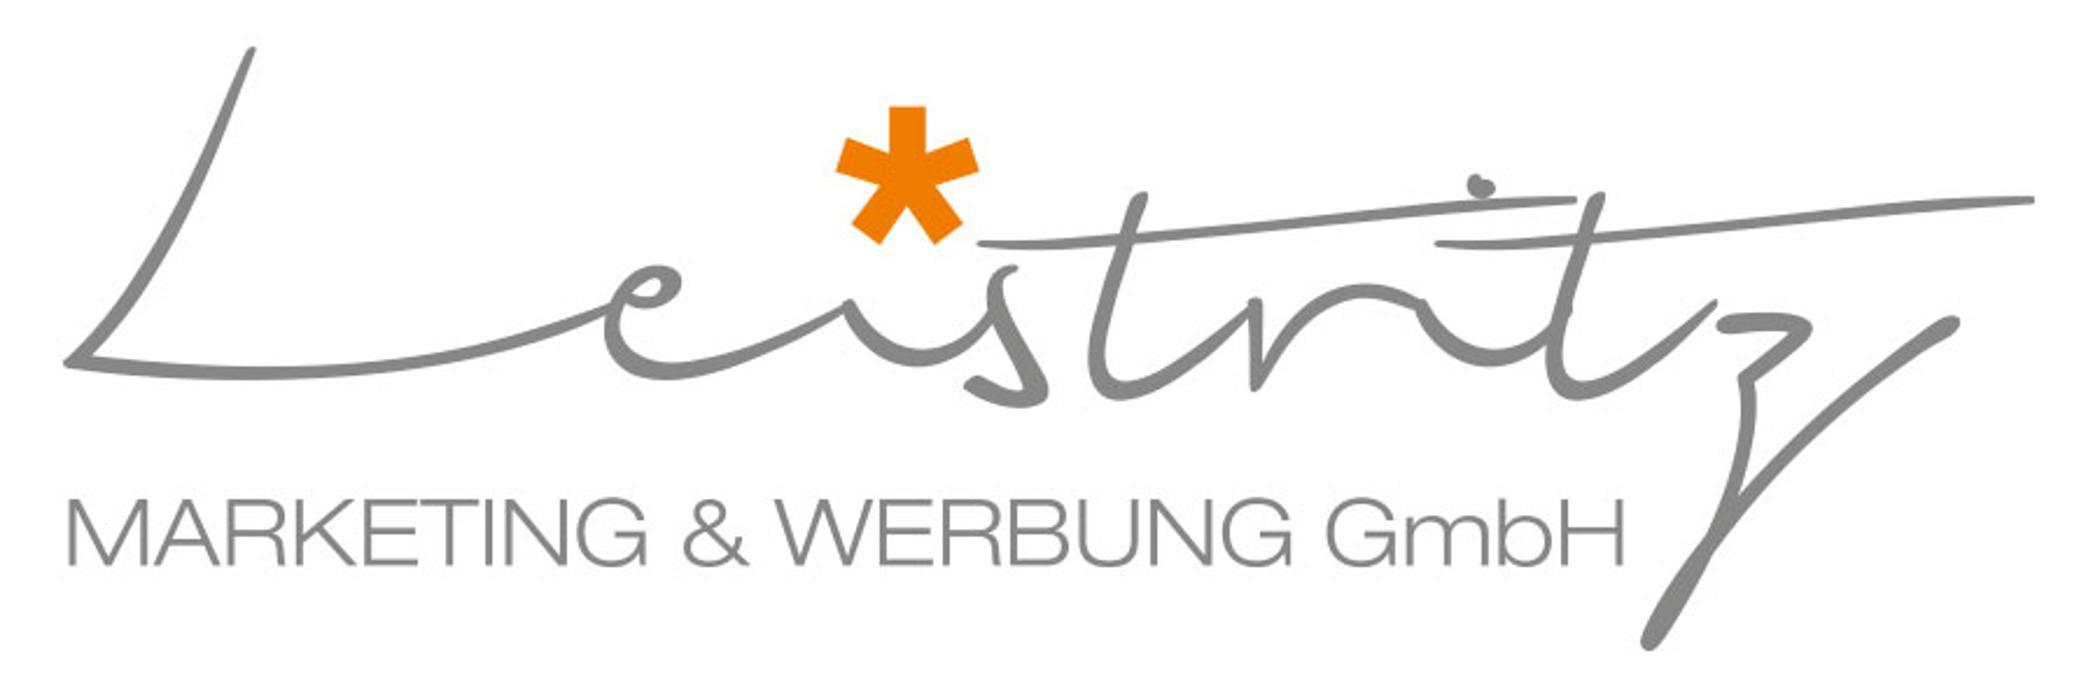 Bild zu Leistritz - Marketing & Werbung in Bad Kreuznach